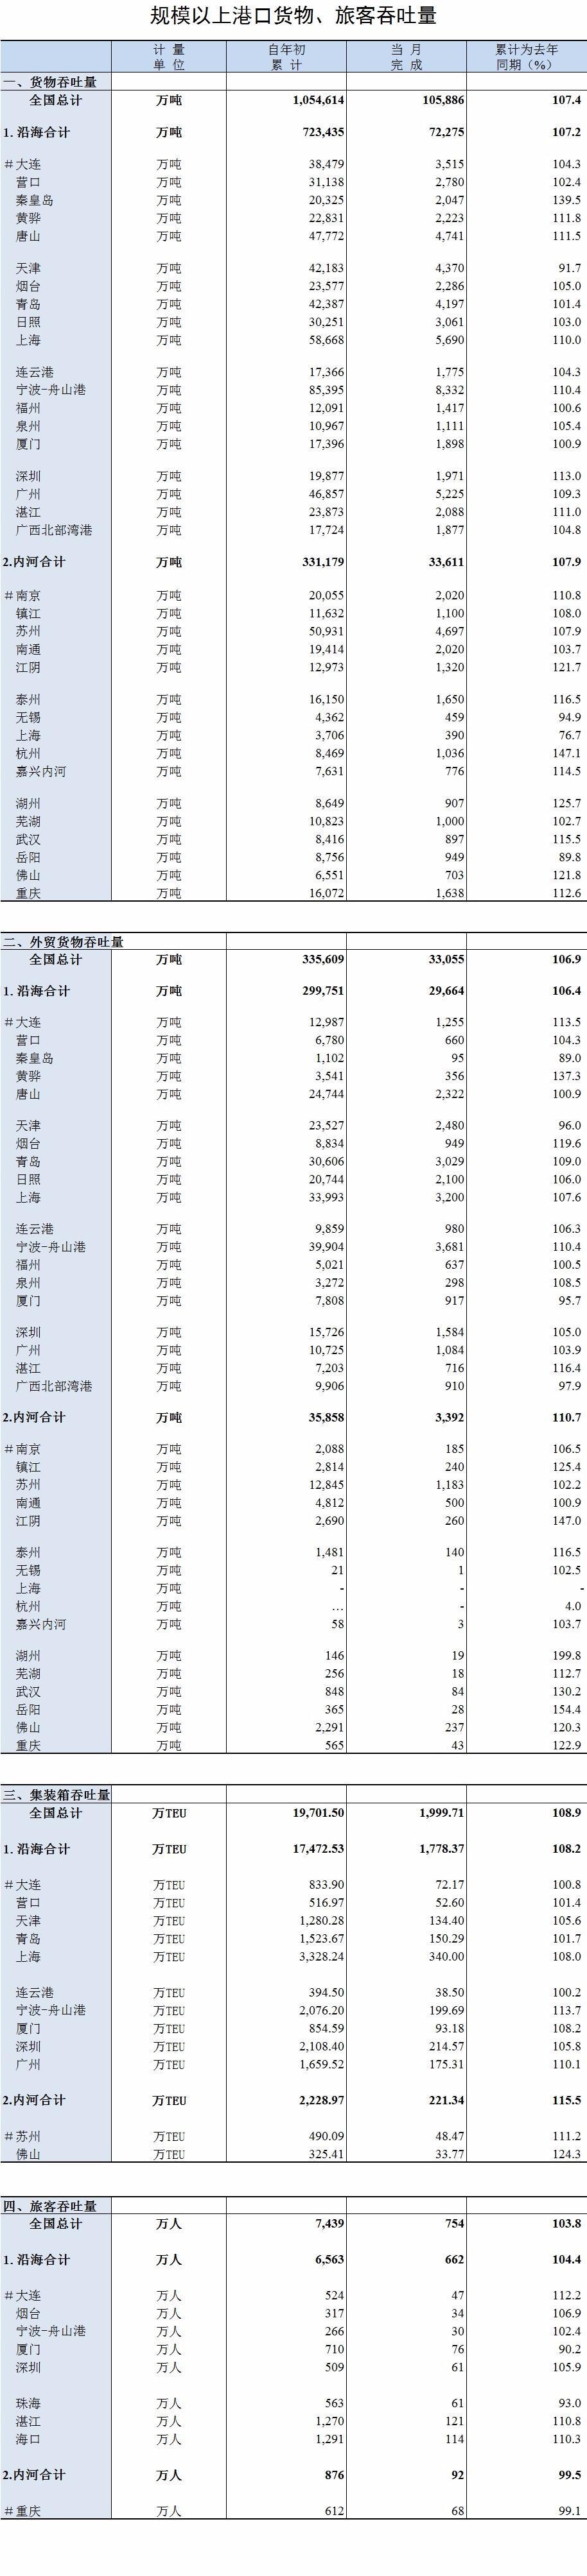 【数据】2017年10月规模以上港口货物、旅客吞吐量-港口技术安全网